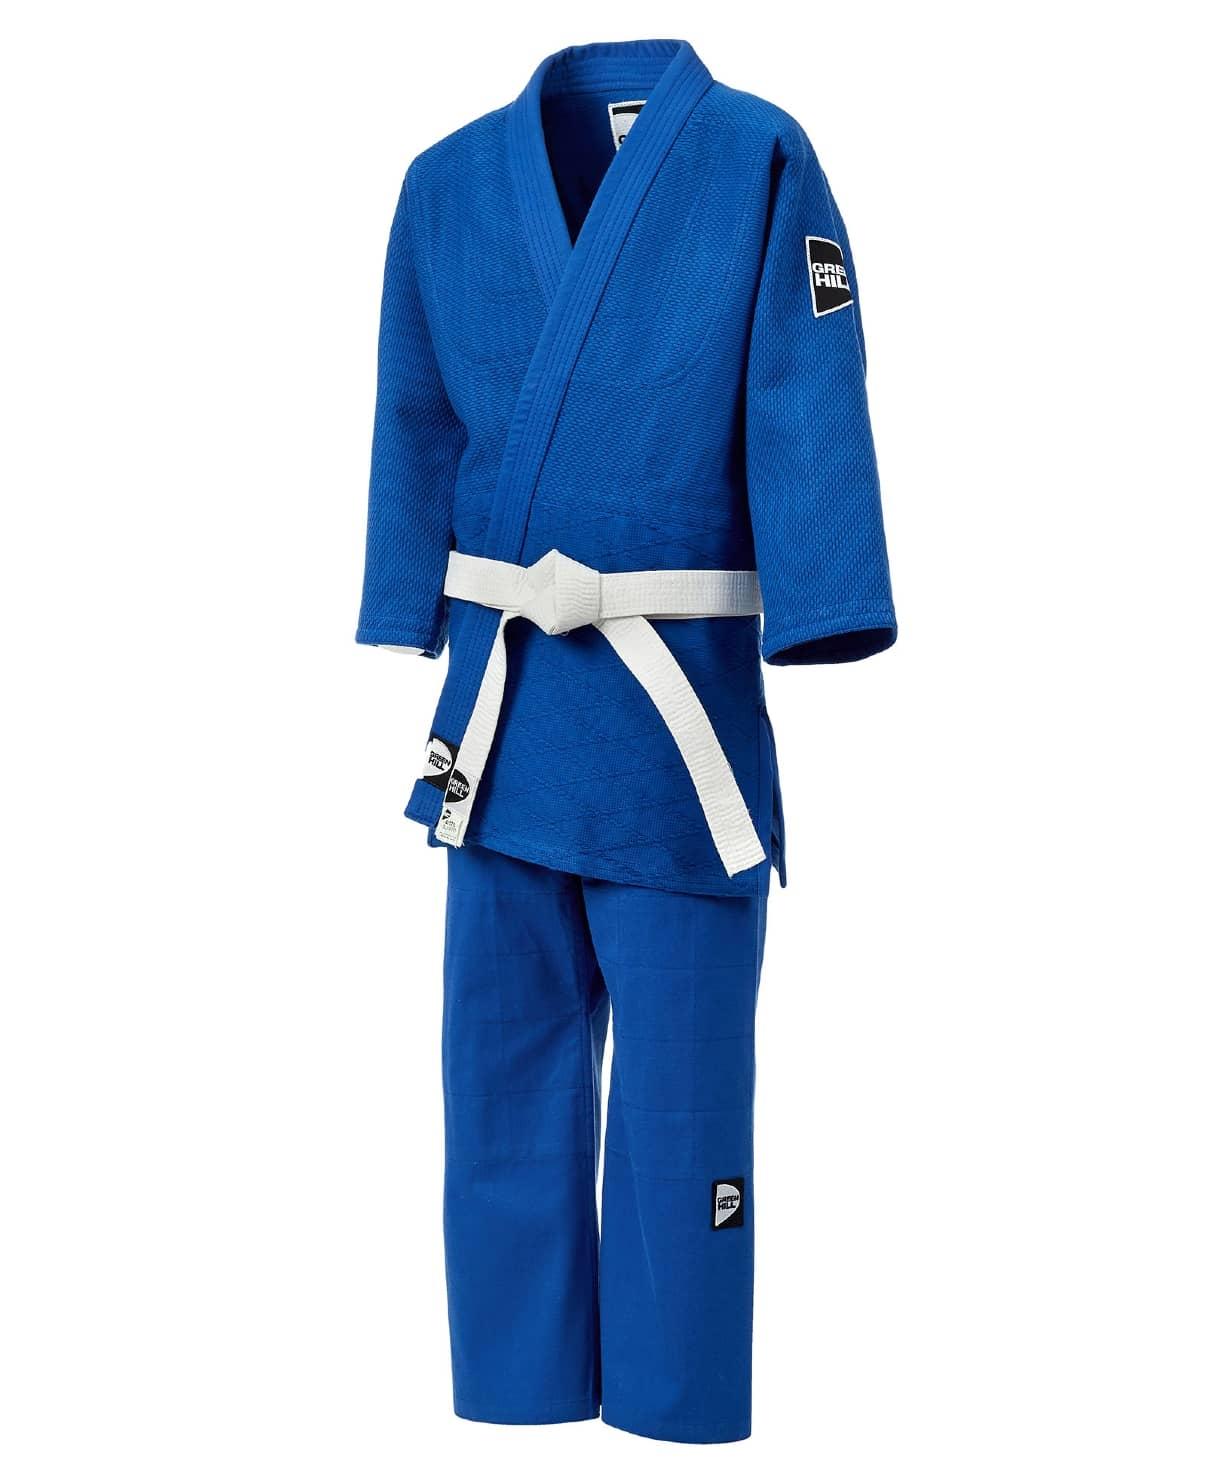 Кимоно для дзюдо JSTT-10761, синий, р.2/150